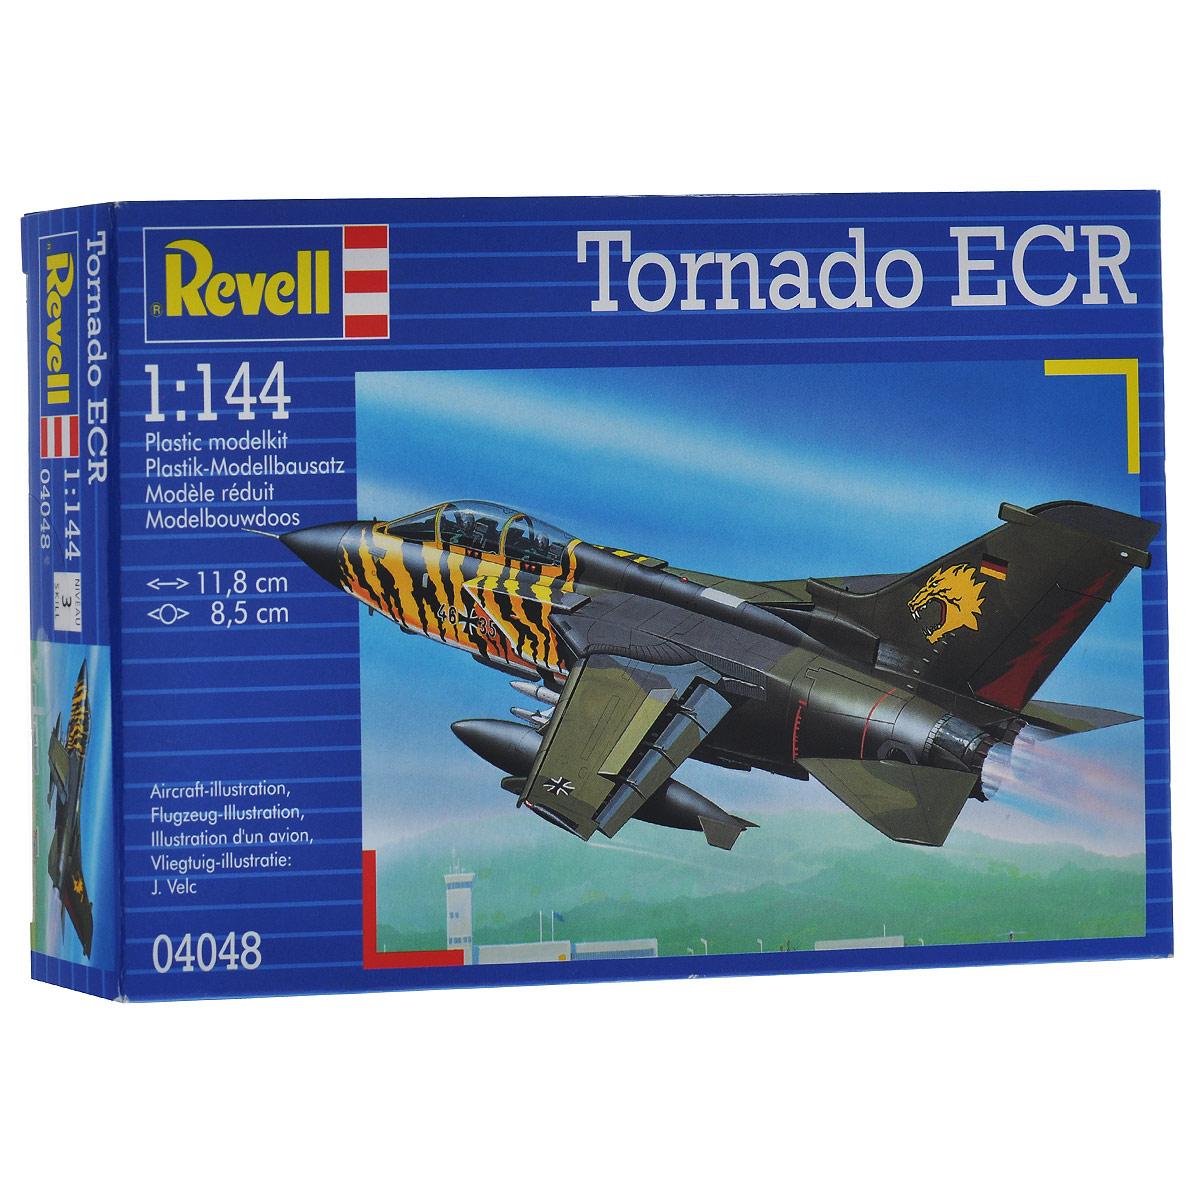 Сборная модель Revell Истребитель Tornado ECR, 63 элемента4048Сборная модель Revell Истребитель Tornado ECR поможет вам и вашему ребенку придумать увлекательное занятие на долгое время. Набор включает в себя 63 пластиковых элемента, из которых можно собрать достоверную уменьшенную копию одноименного истребителя. Также в наборе схематичная инструкция по сборке. Процесс сборки развивает интеллектуальные и инструментальные способности, воображение и конструктивное мышление, а также прививает практические навыки работы со схемами и чертежами. Уровень сложности: 3. УВАЖАЕМЫЕ КЛИЕНТЫ! Обращаем ваше внимание на тот факт, что элементы для сборки не покрашены. Клей и краски в комплект не входят.